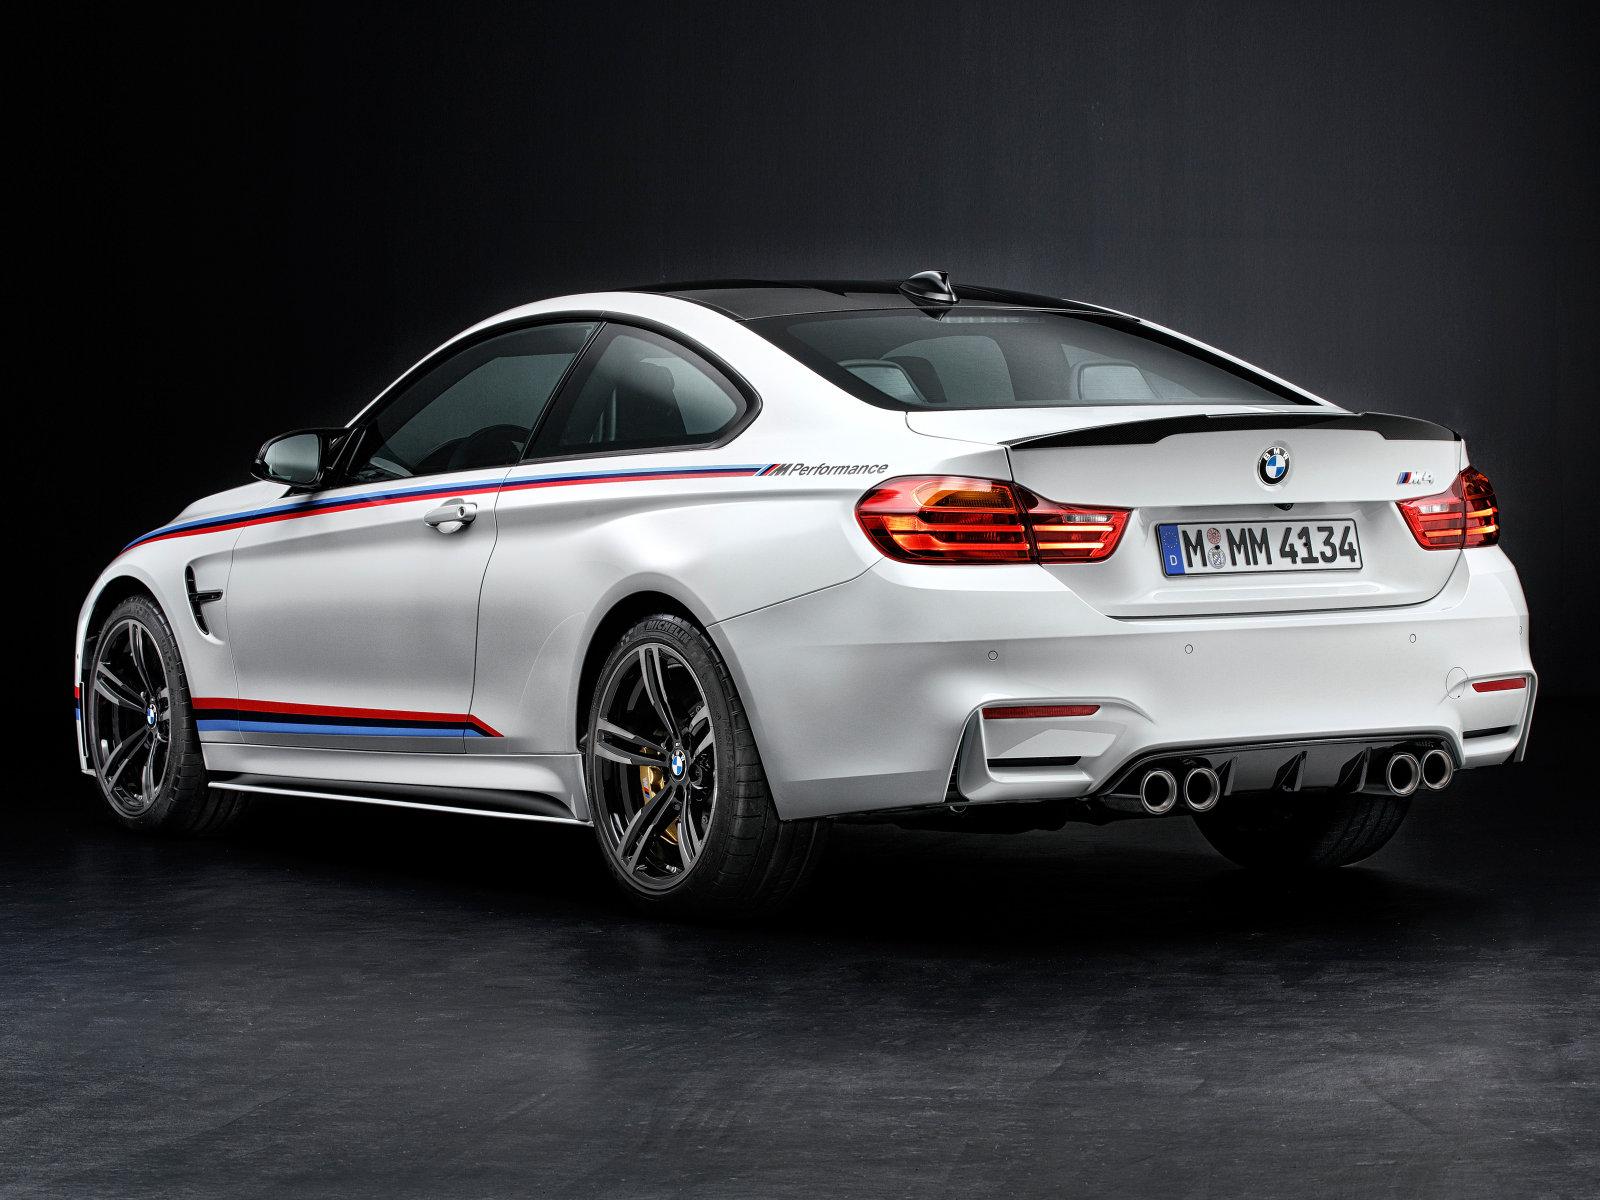 BMW M4 Coupe Performance - arrière